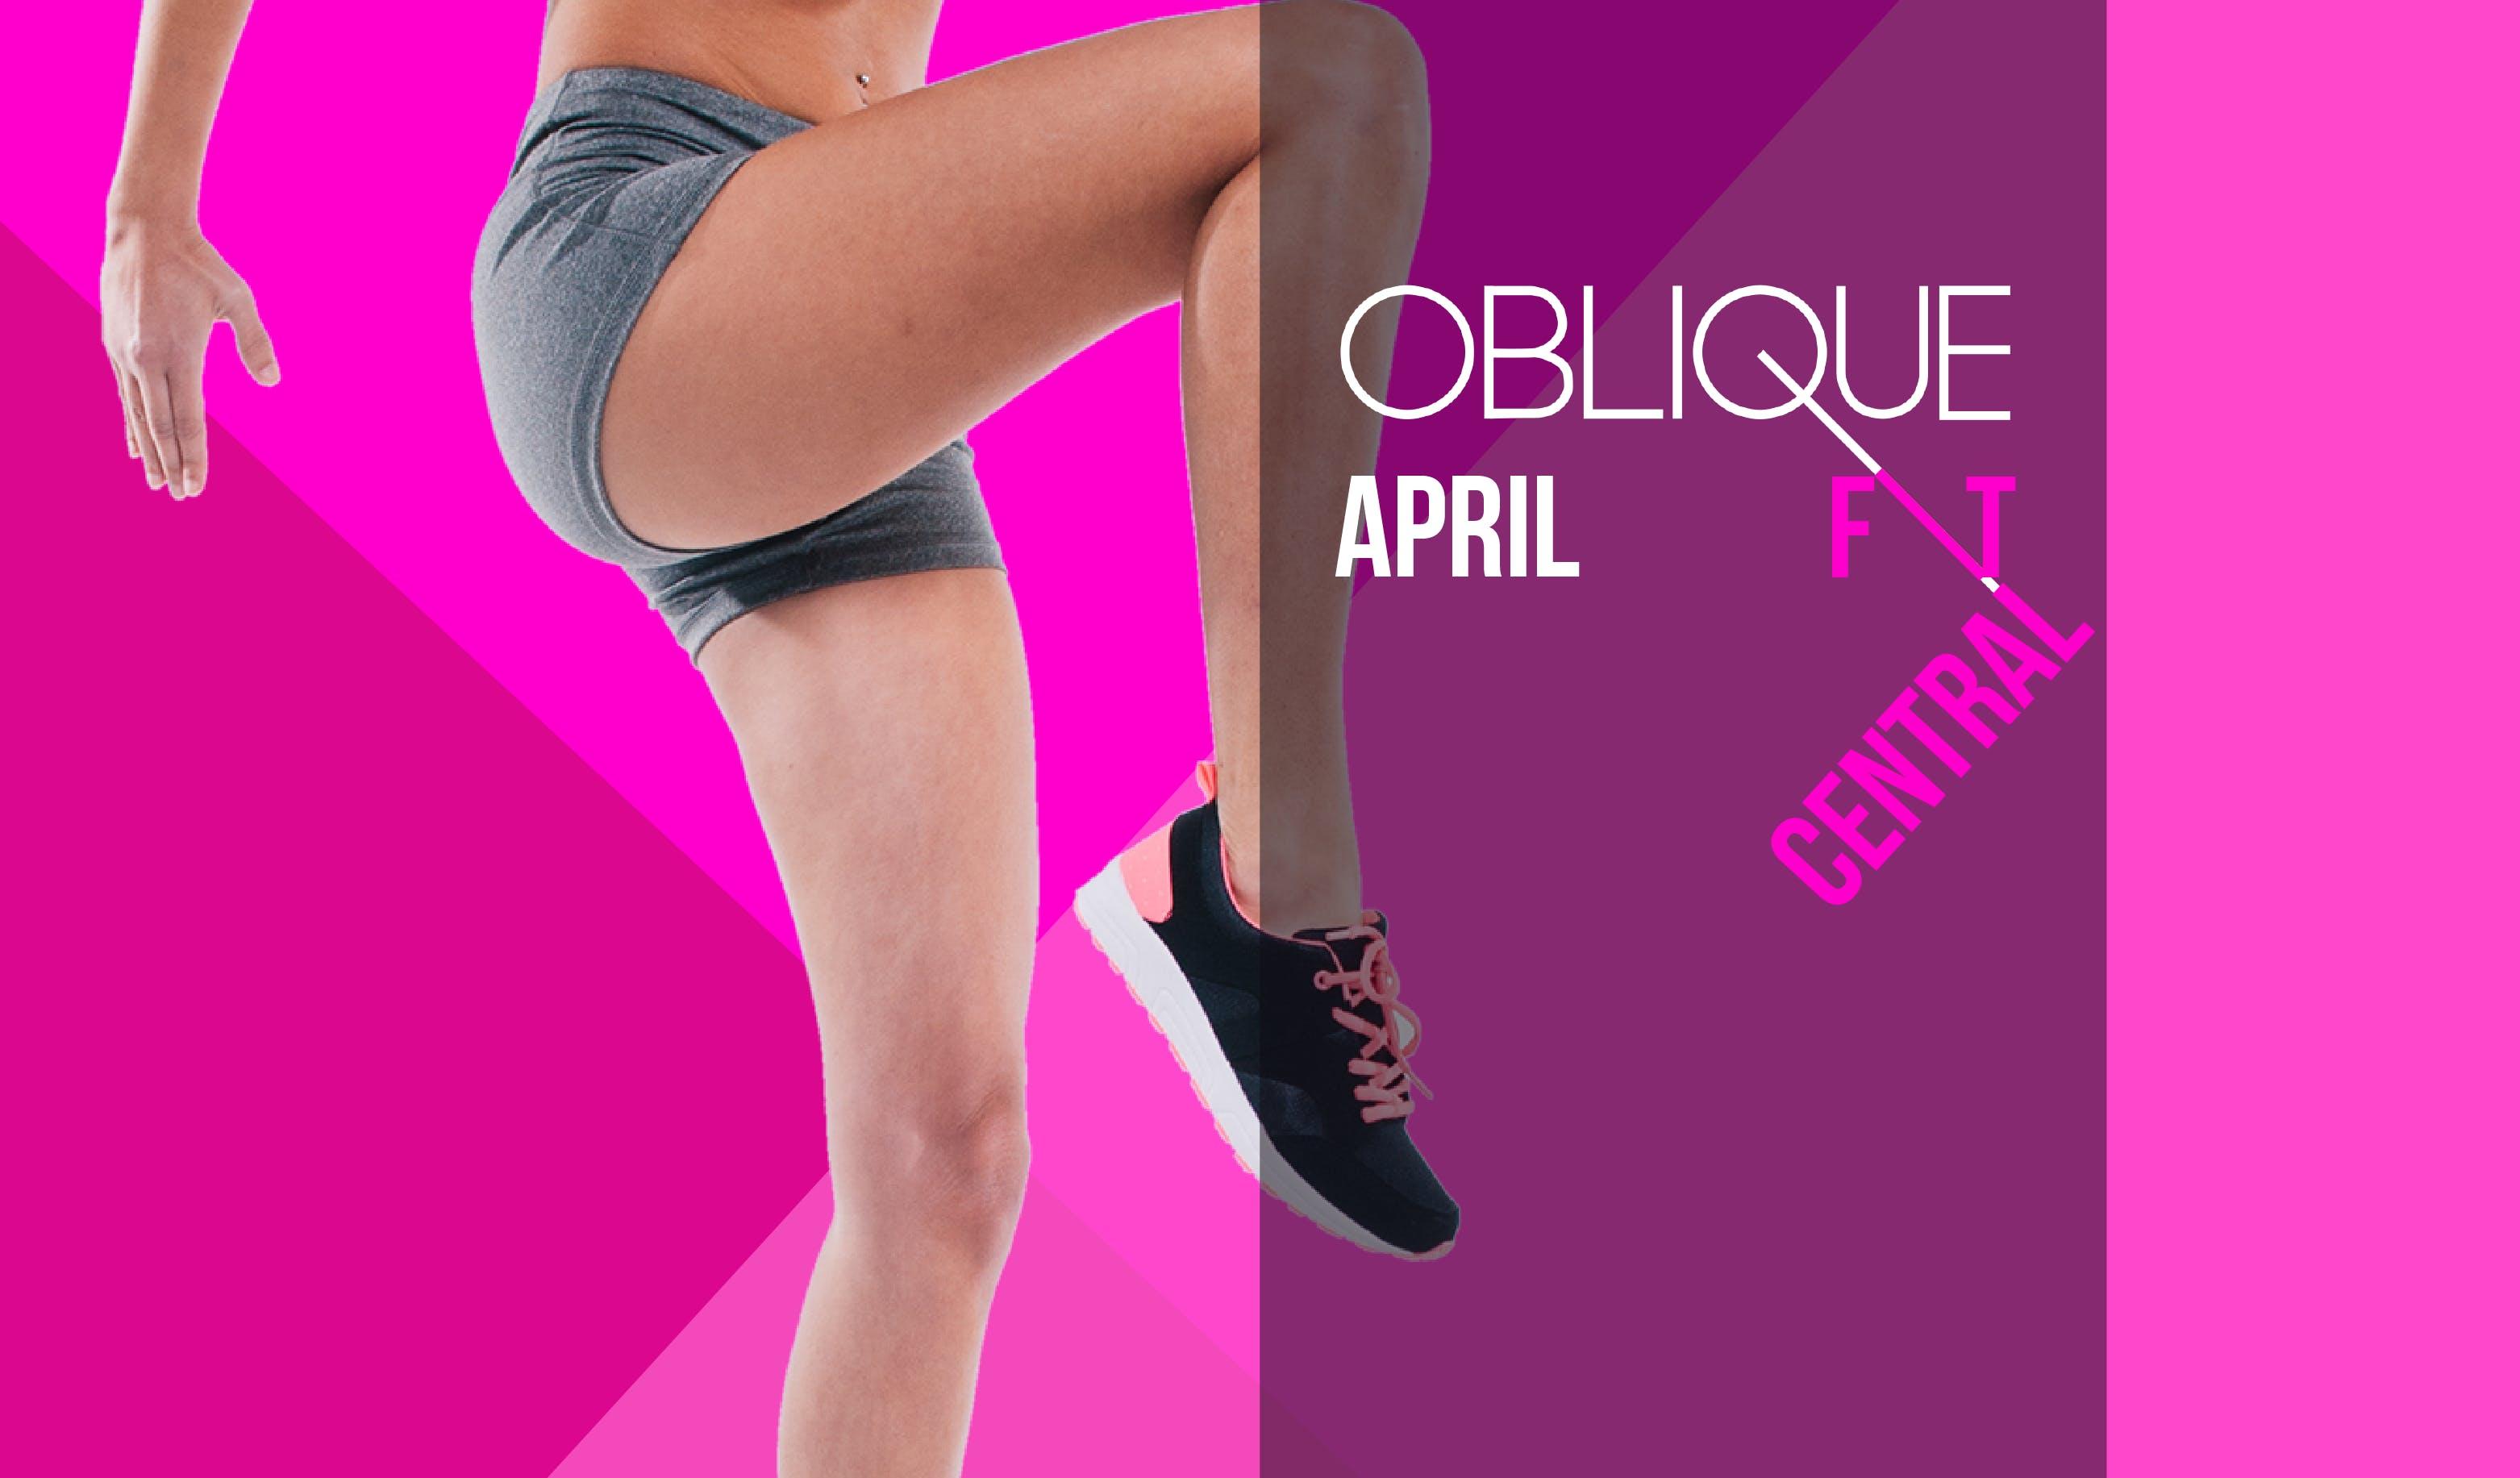 Oblique FIT Central - April